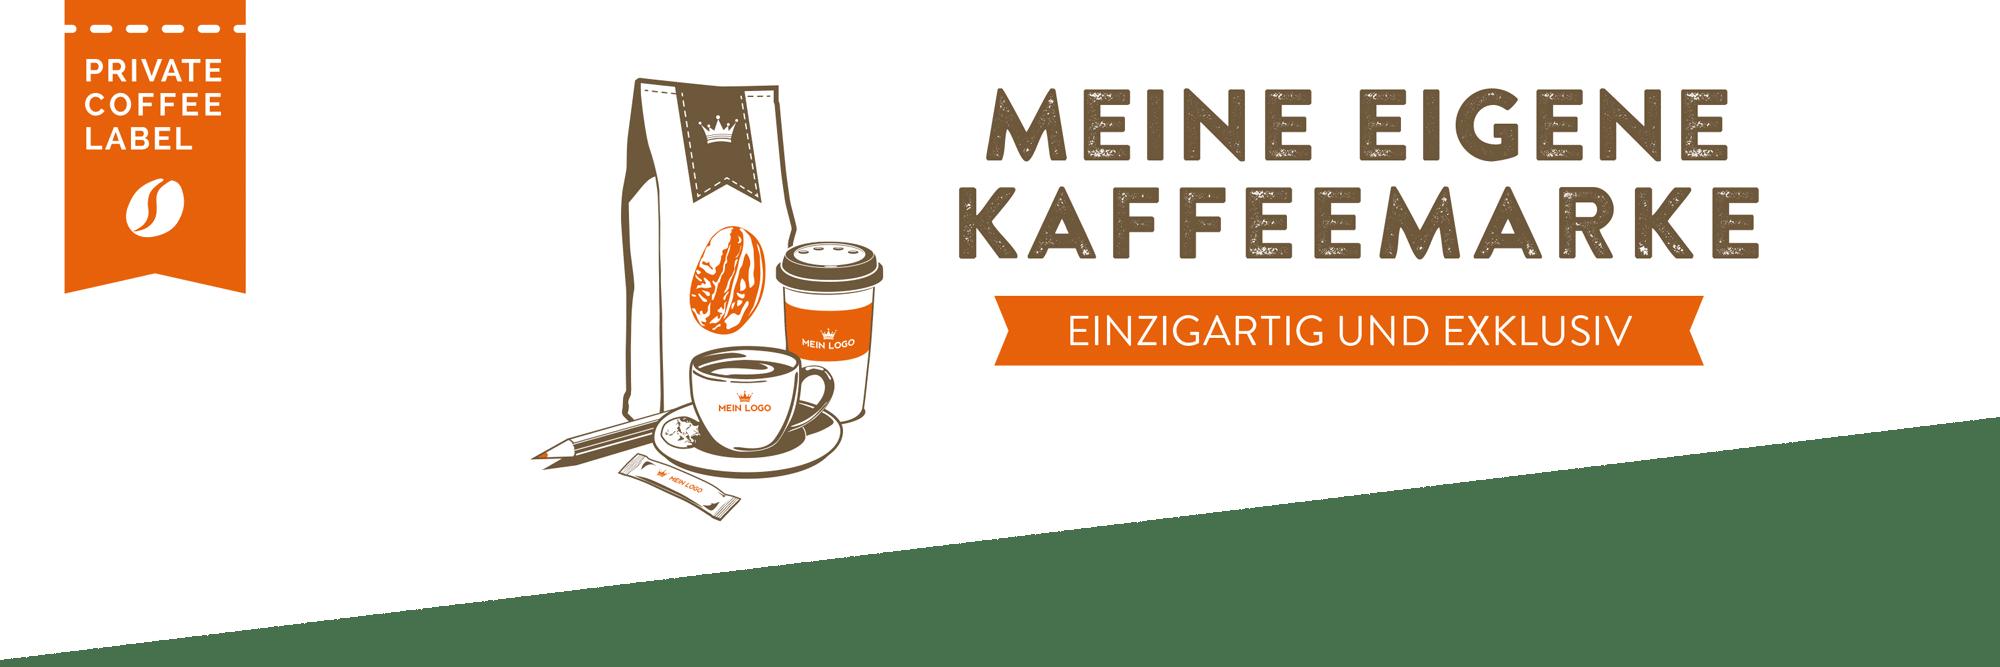 Private Coffee Label